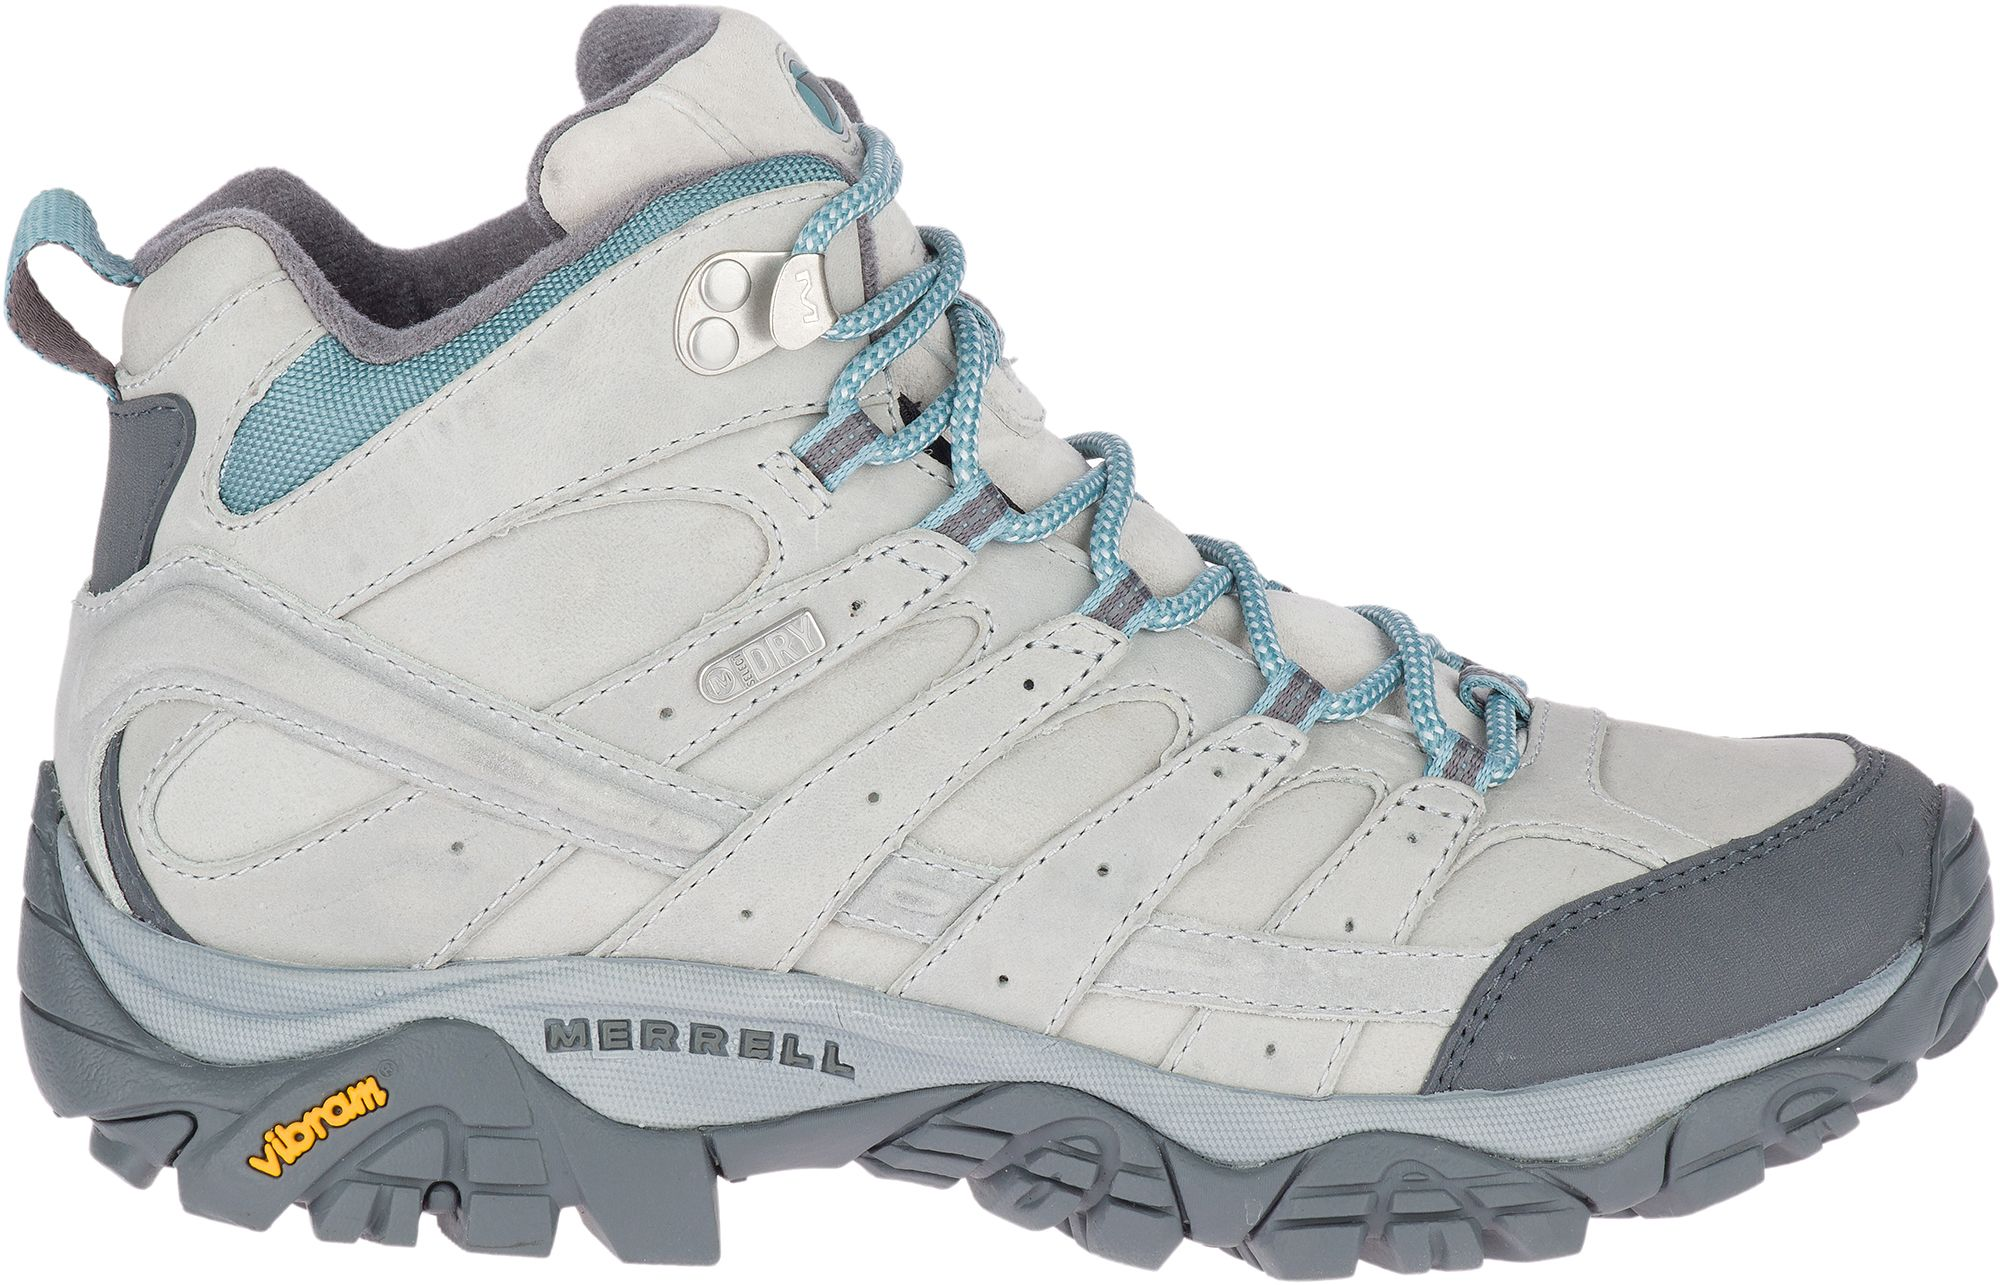 merrell moab 2 mid gtx boots 98